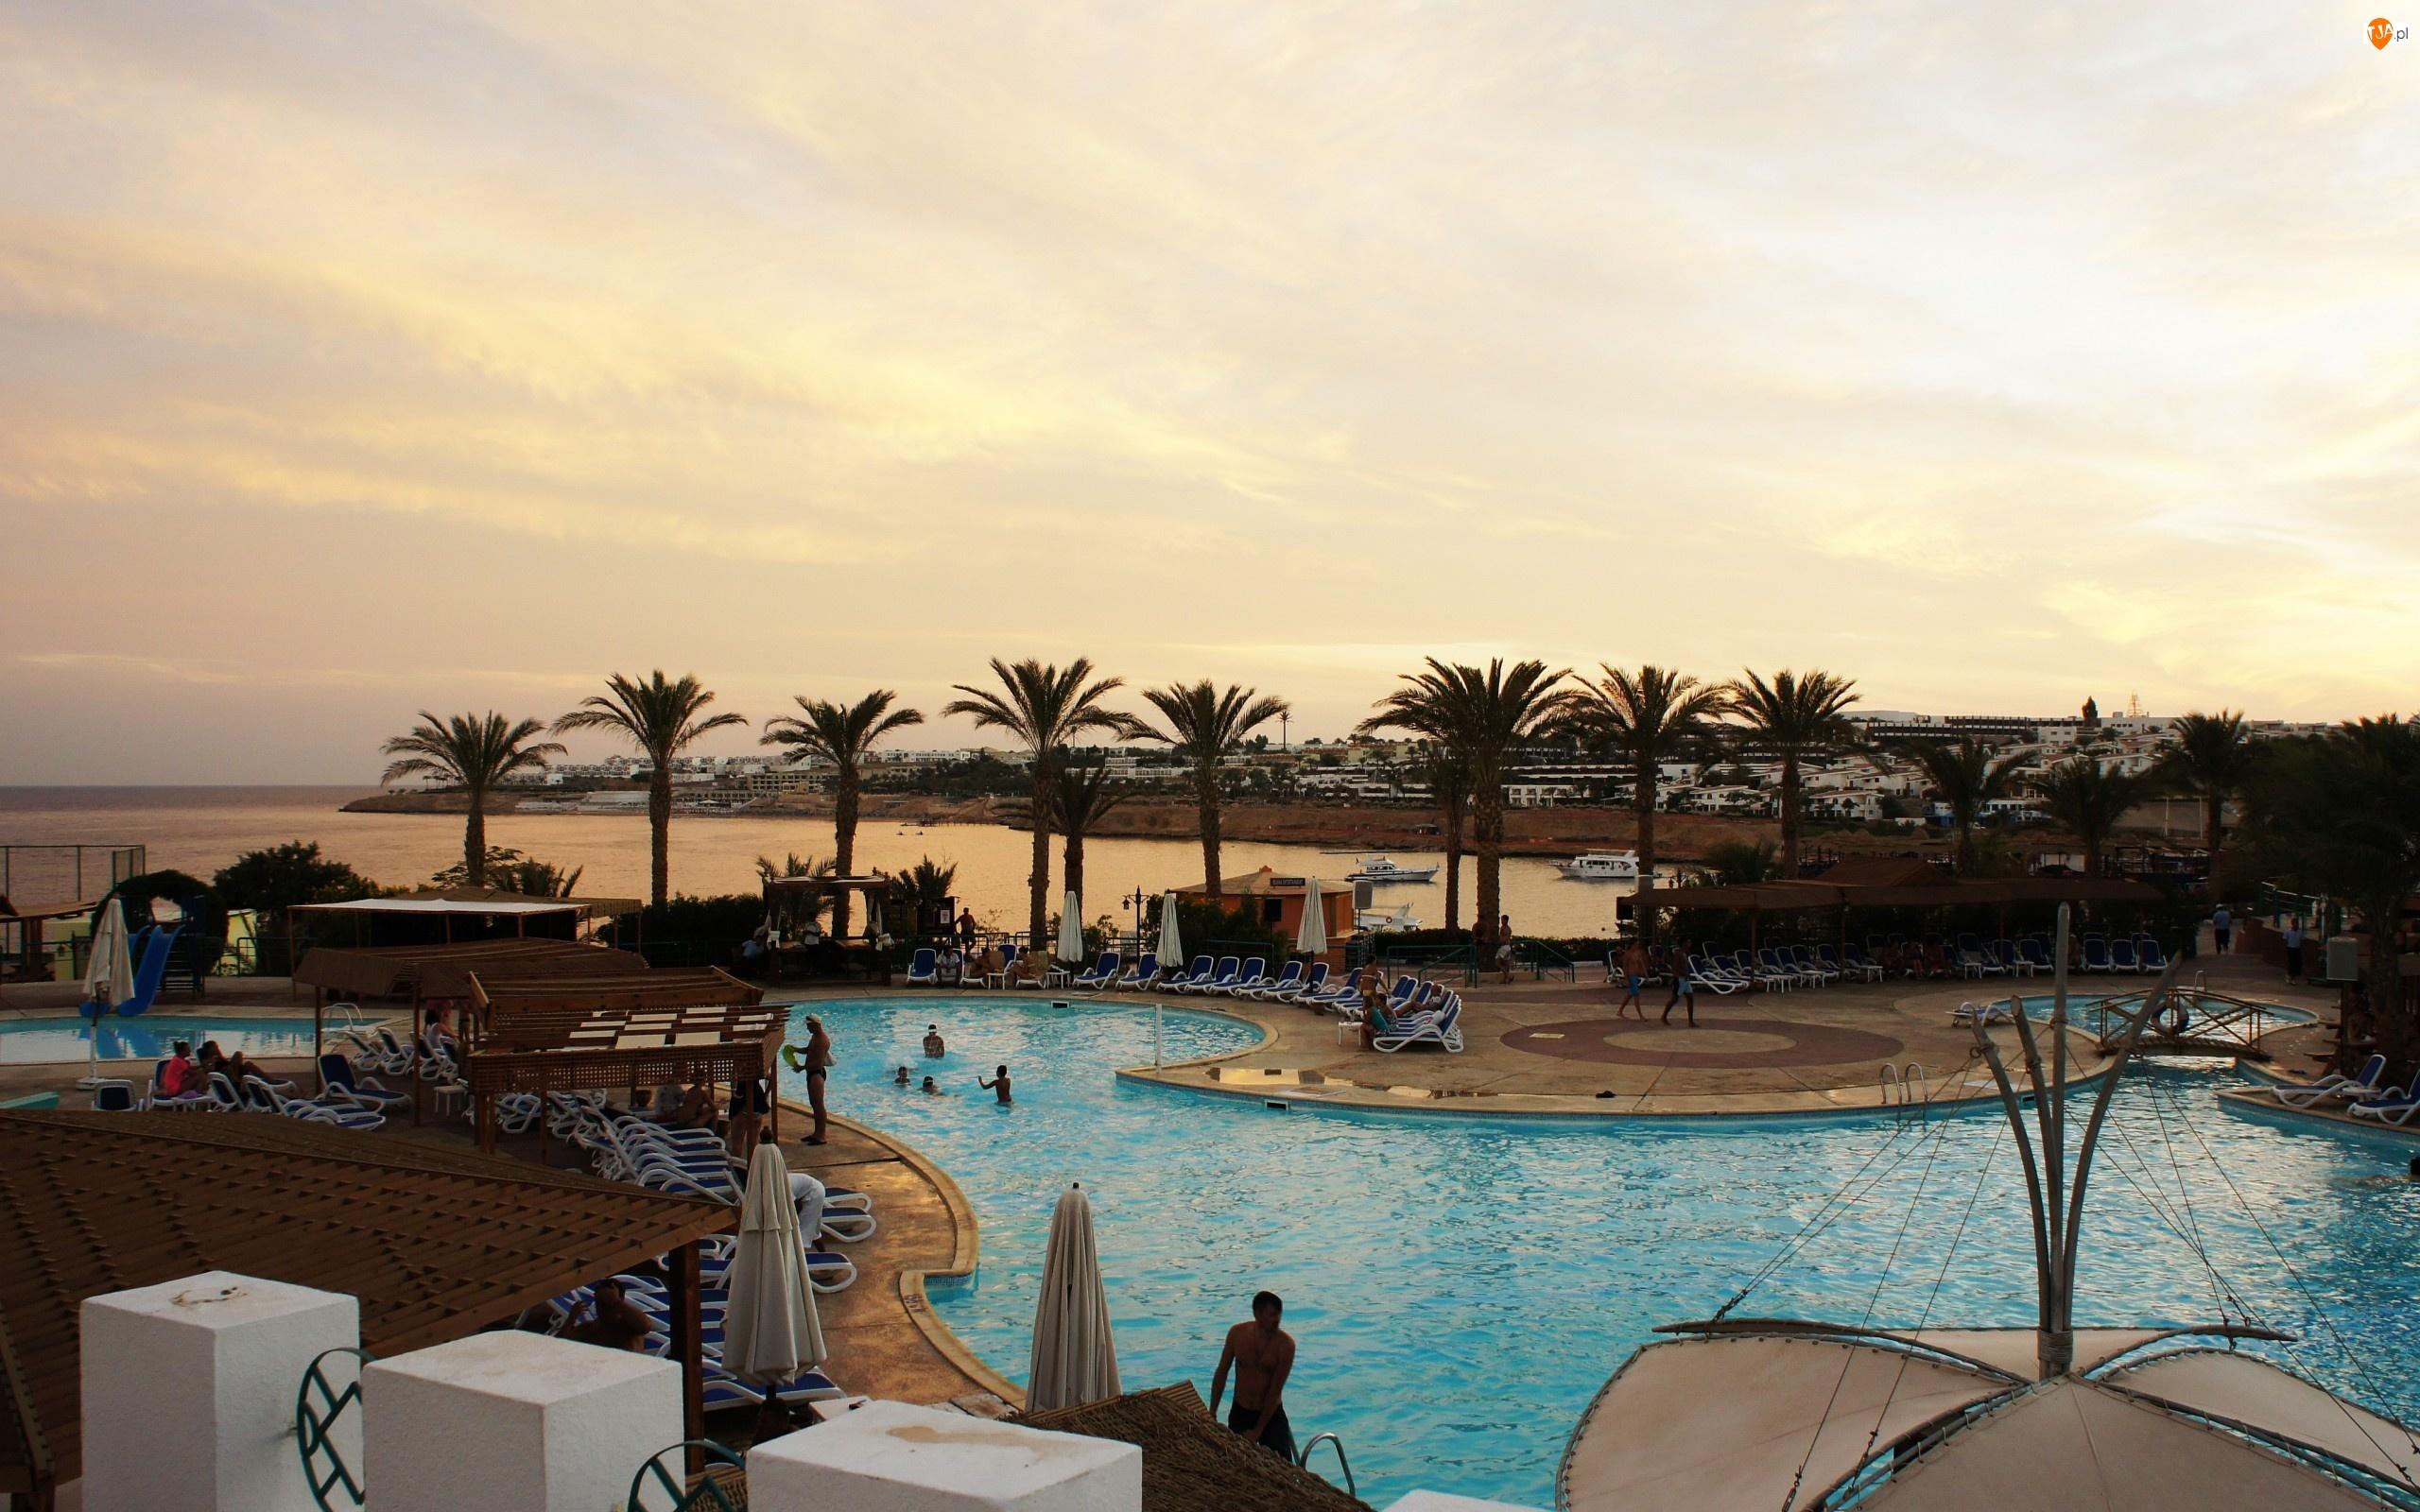 Hotel, Palmy, Wybrzeże, Kurort, Basen, Ludzie